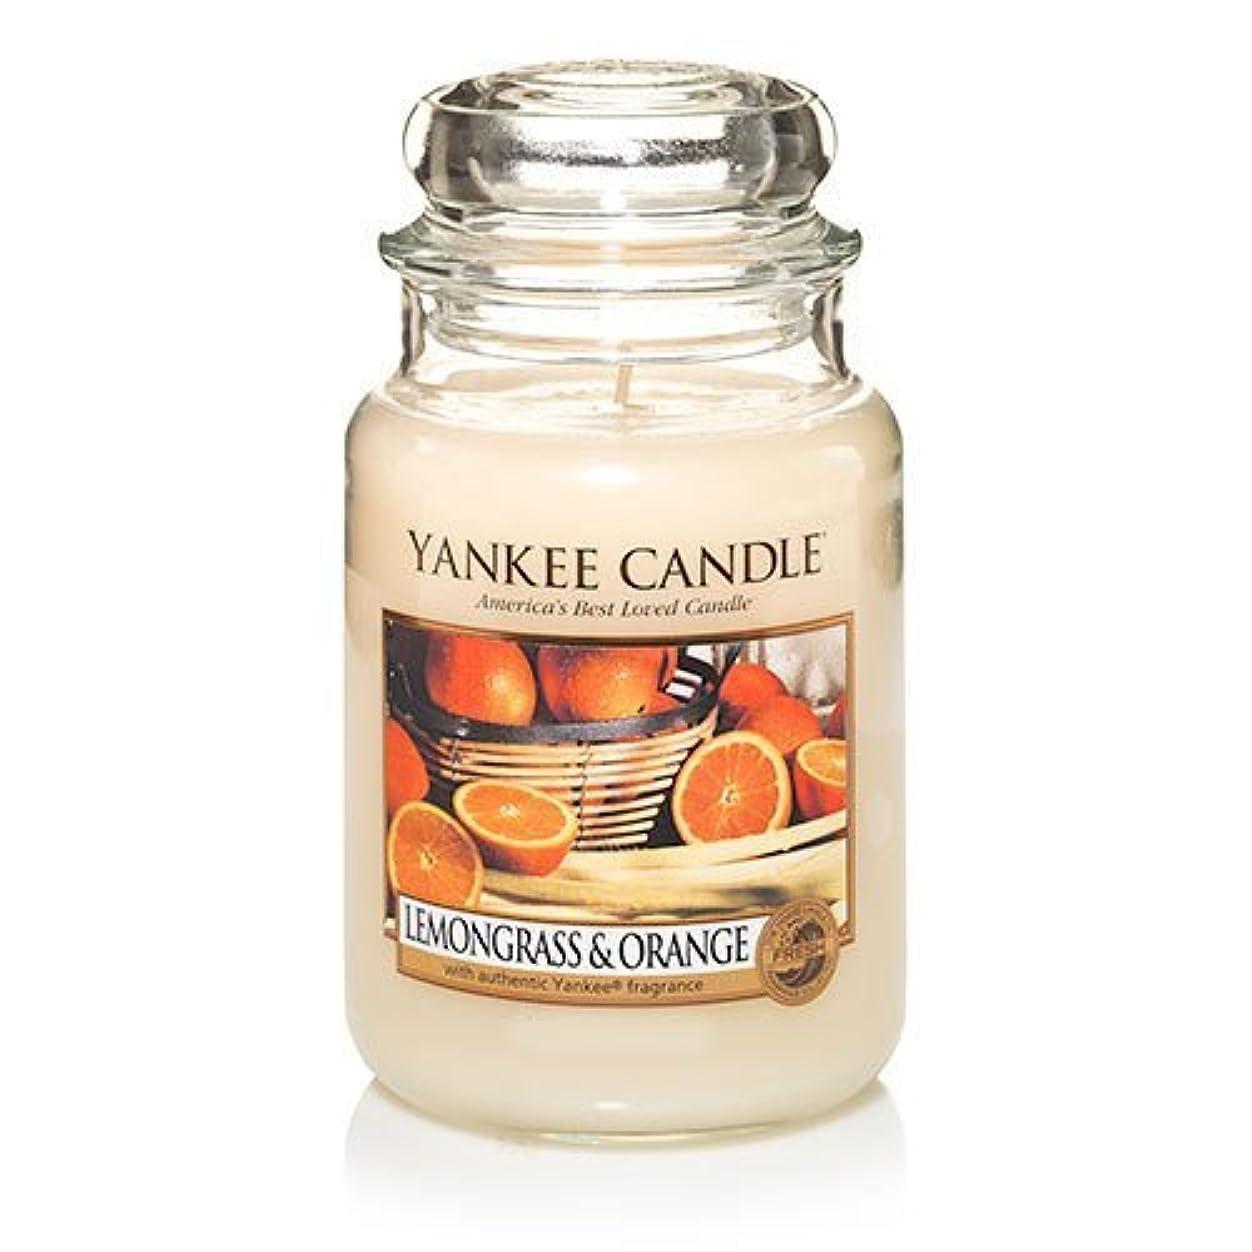 ディスコ交換可能賭けYankee Candle Lemongrass & Orange - 22oz Large Housewarmer Jar by Yankee Candle [並行輸入品]